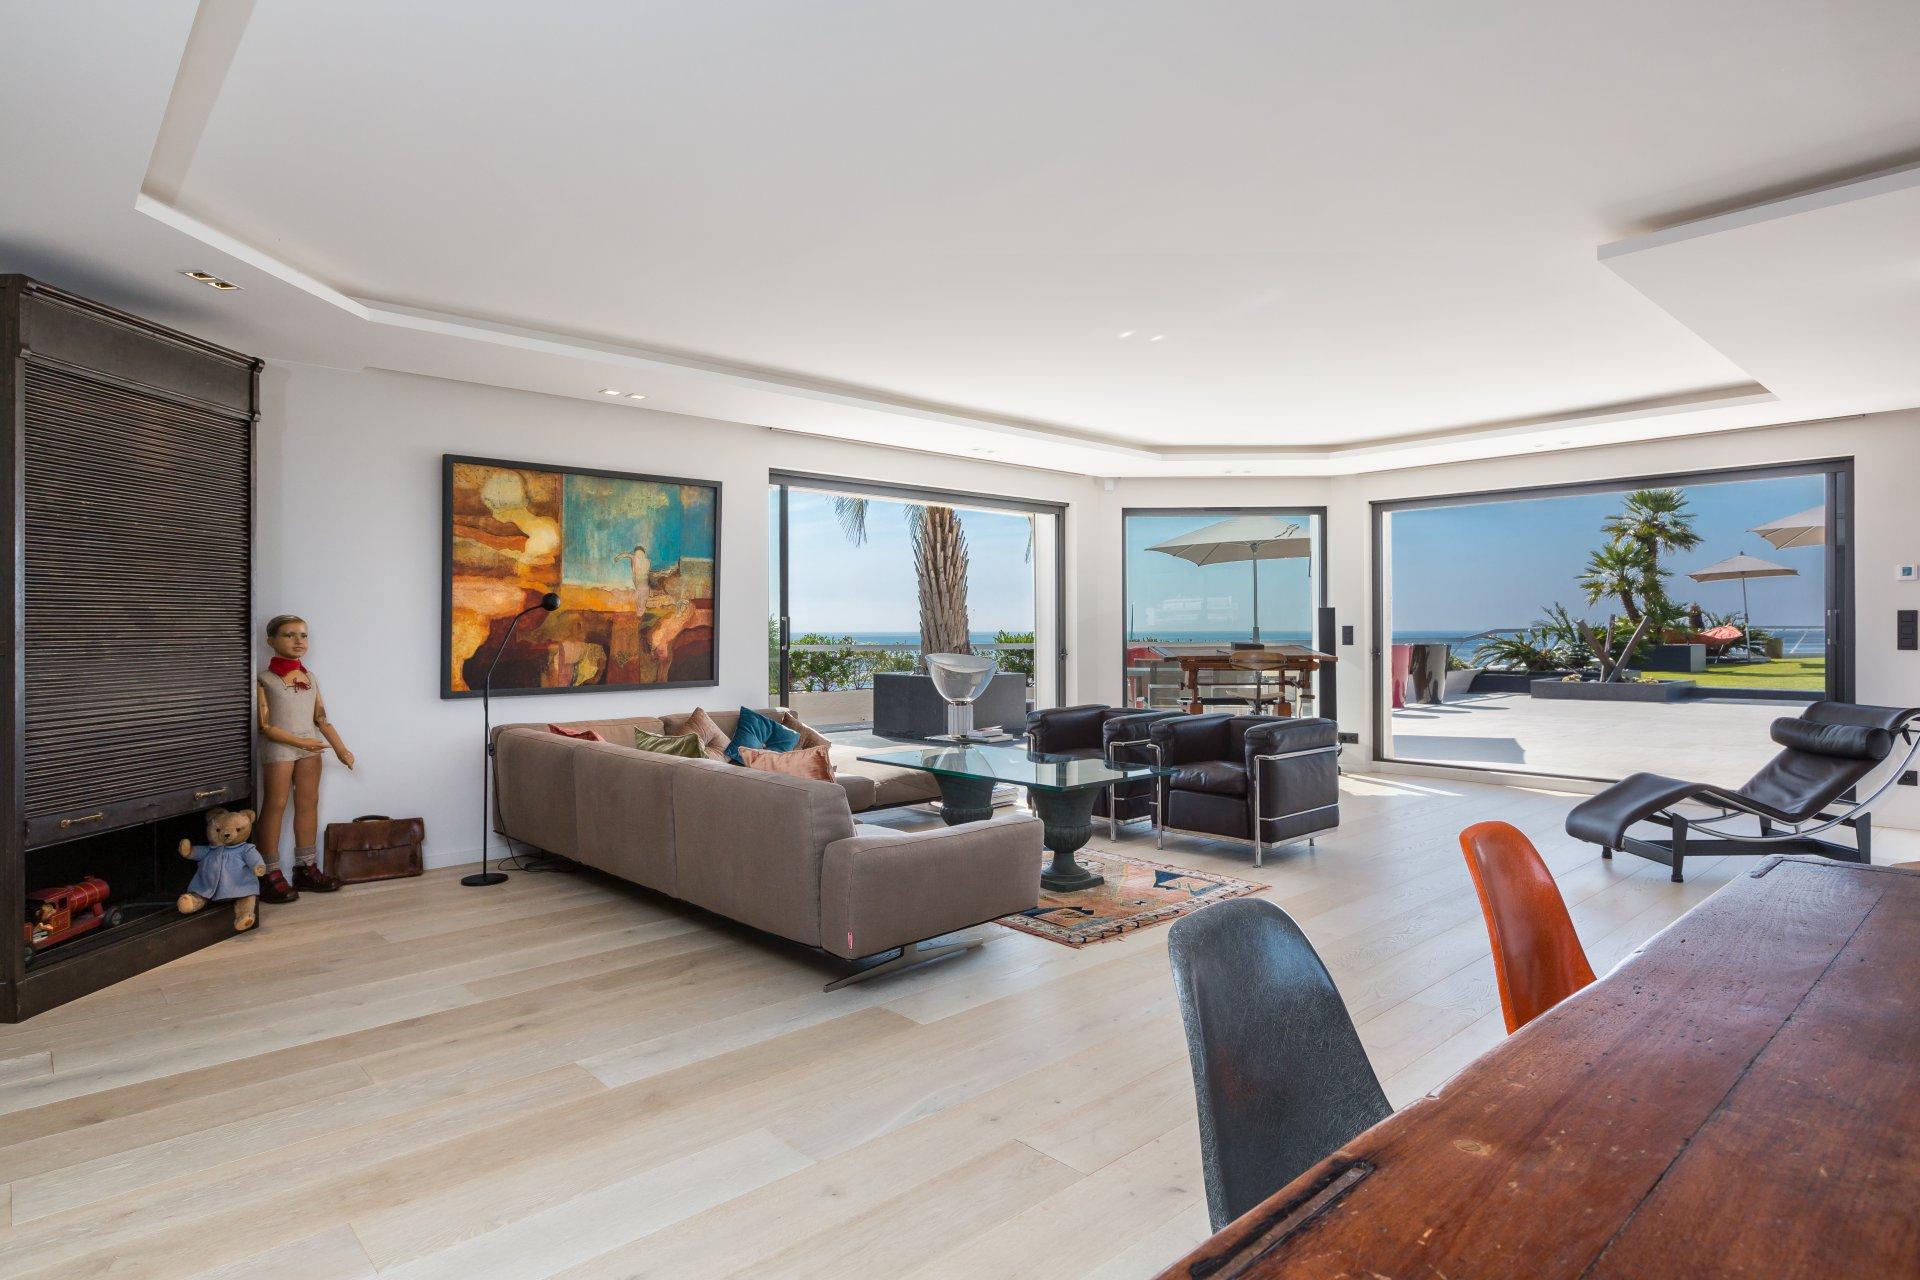 annonce vente villa sur toit cannes 06400 4 pi ces john taylor. Black Bedroom Furniture Sets. Home Design Ideas